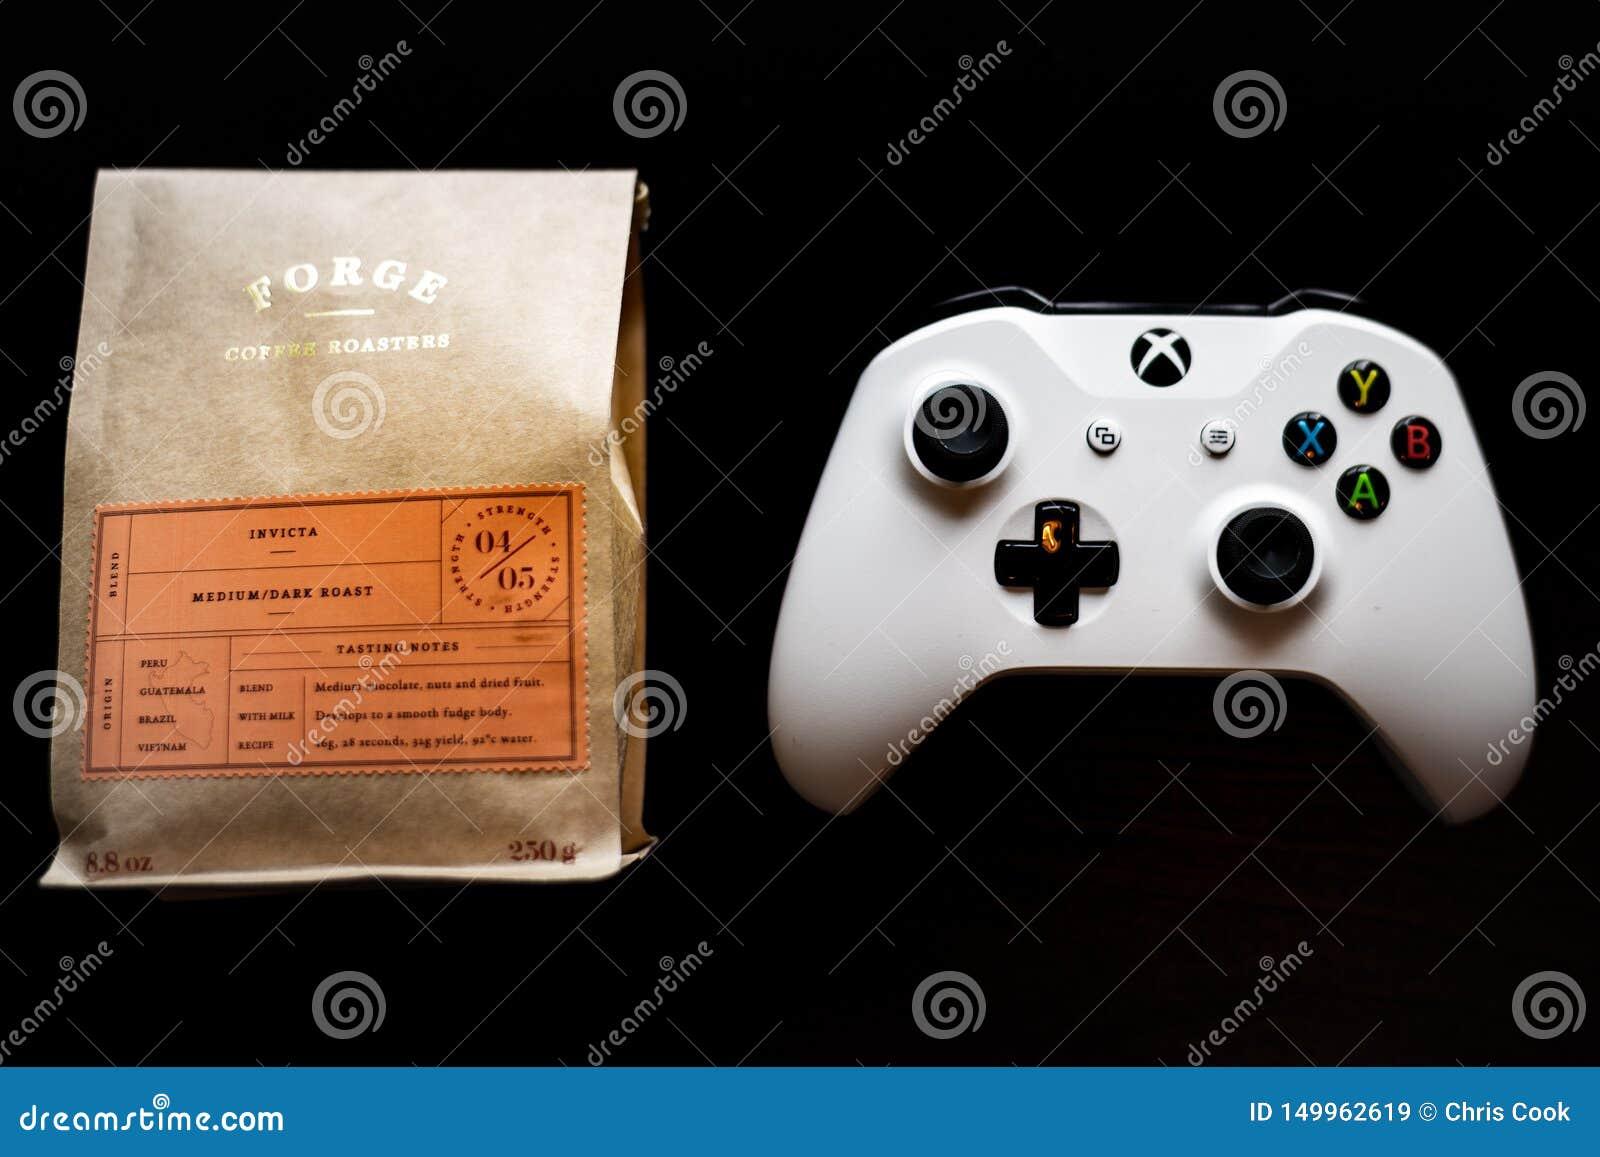 Xbox One-Spielprüfer saß nahe bei einer Tasche des gemahlenen Kaffees gegen einen dunklen schwarzen Hintergrund